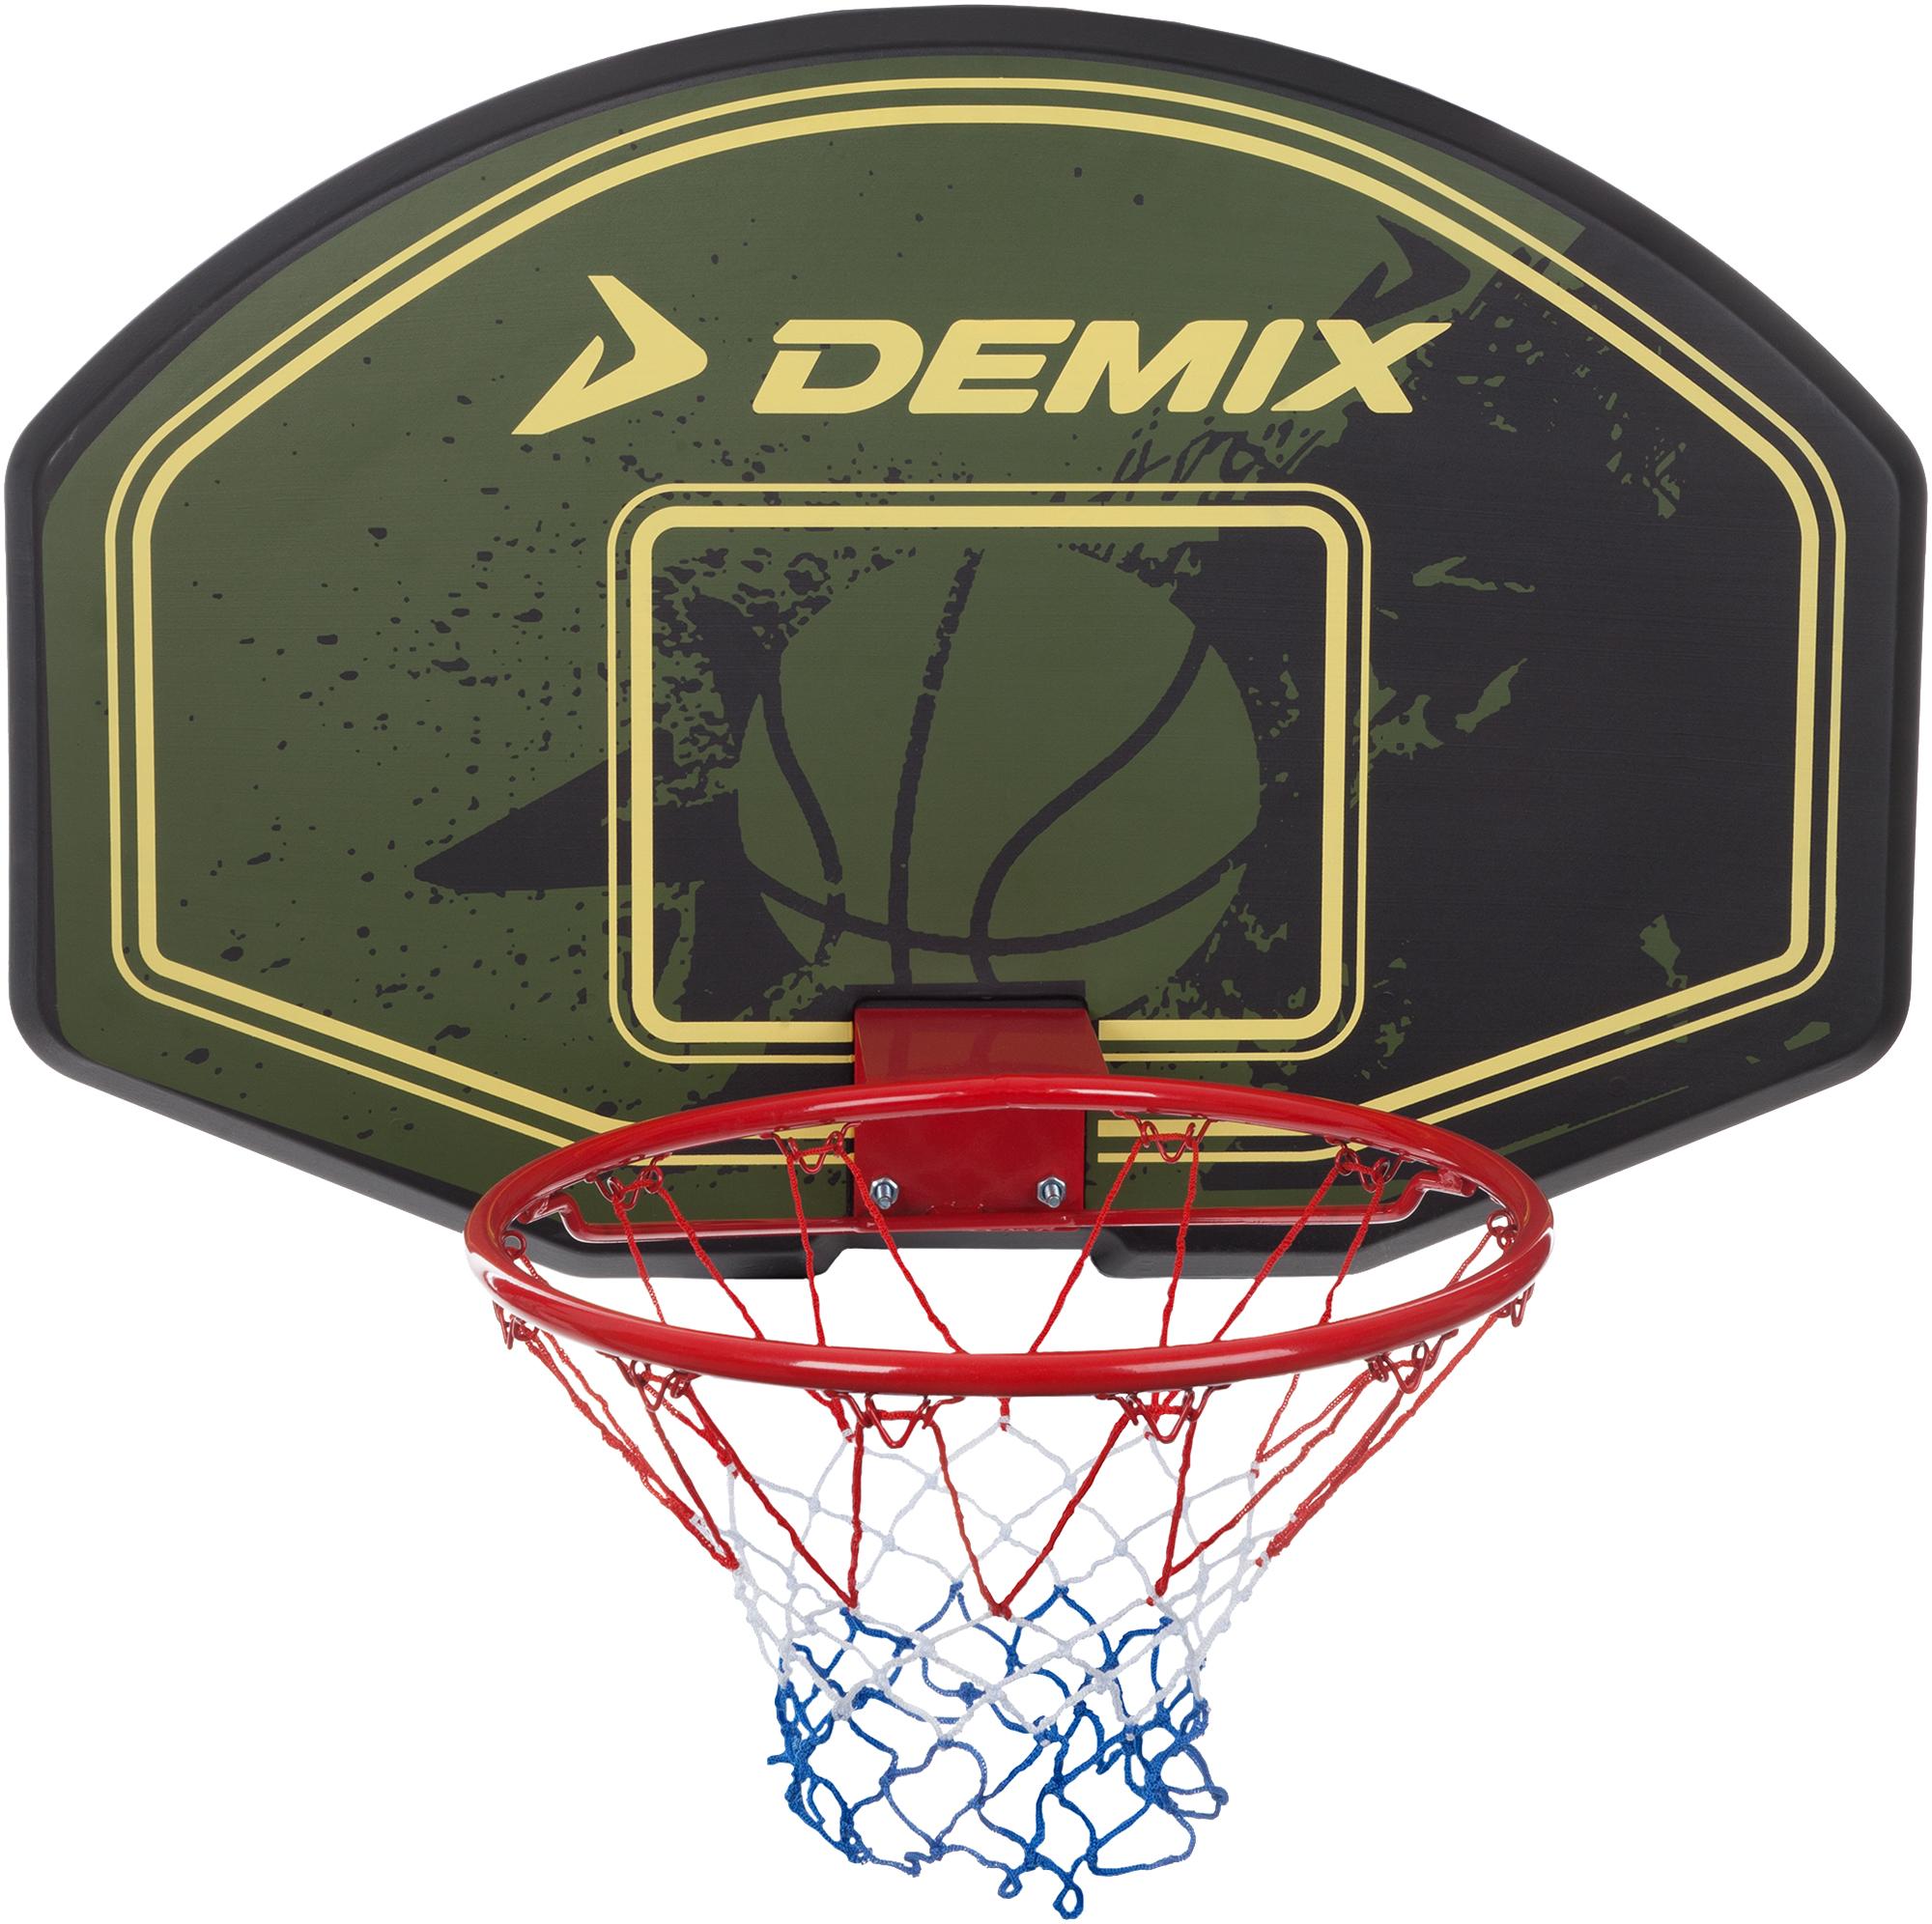 Demix Щит баскетбольный